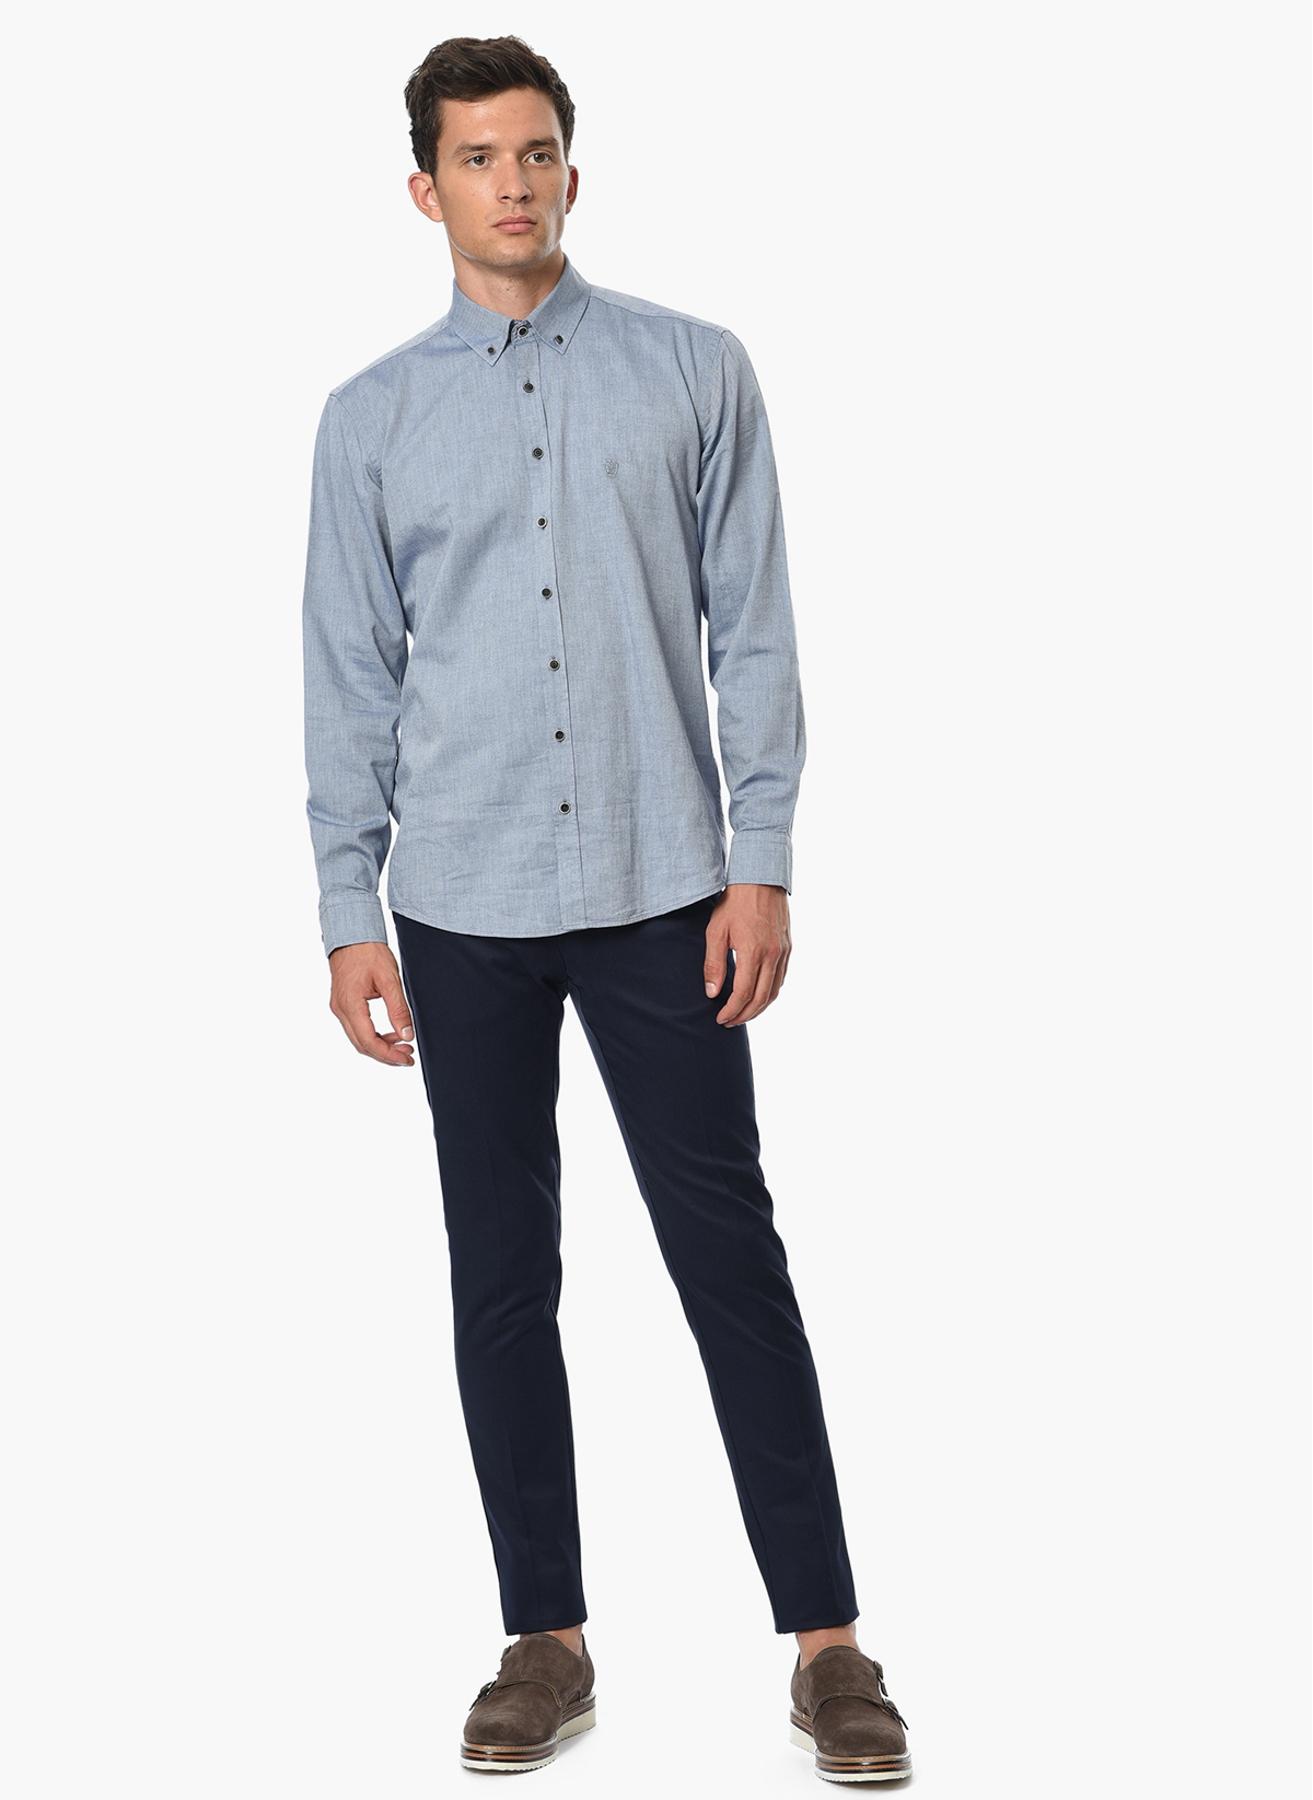 George Hogg Casual Lacivert Klasik Pantolon 50-6 5001699246003 Ürün Resmi